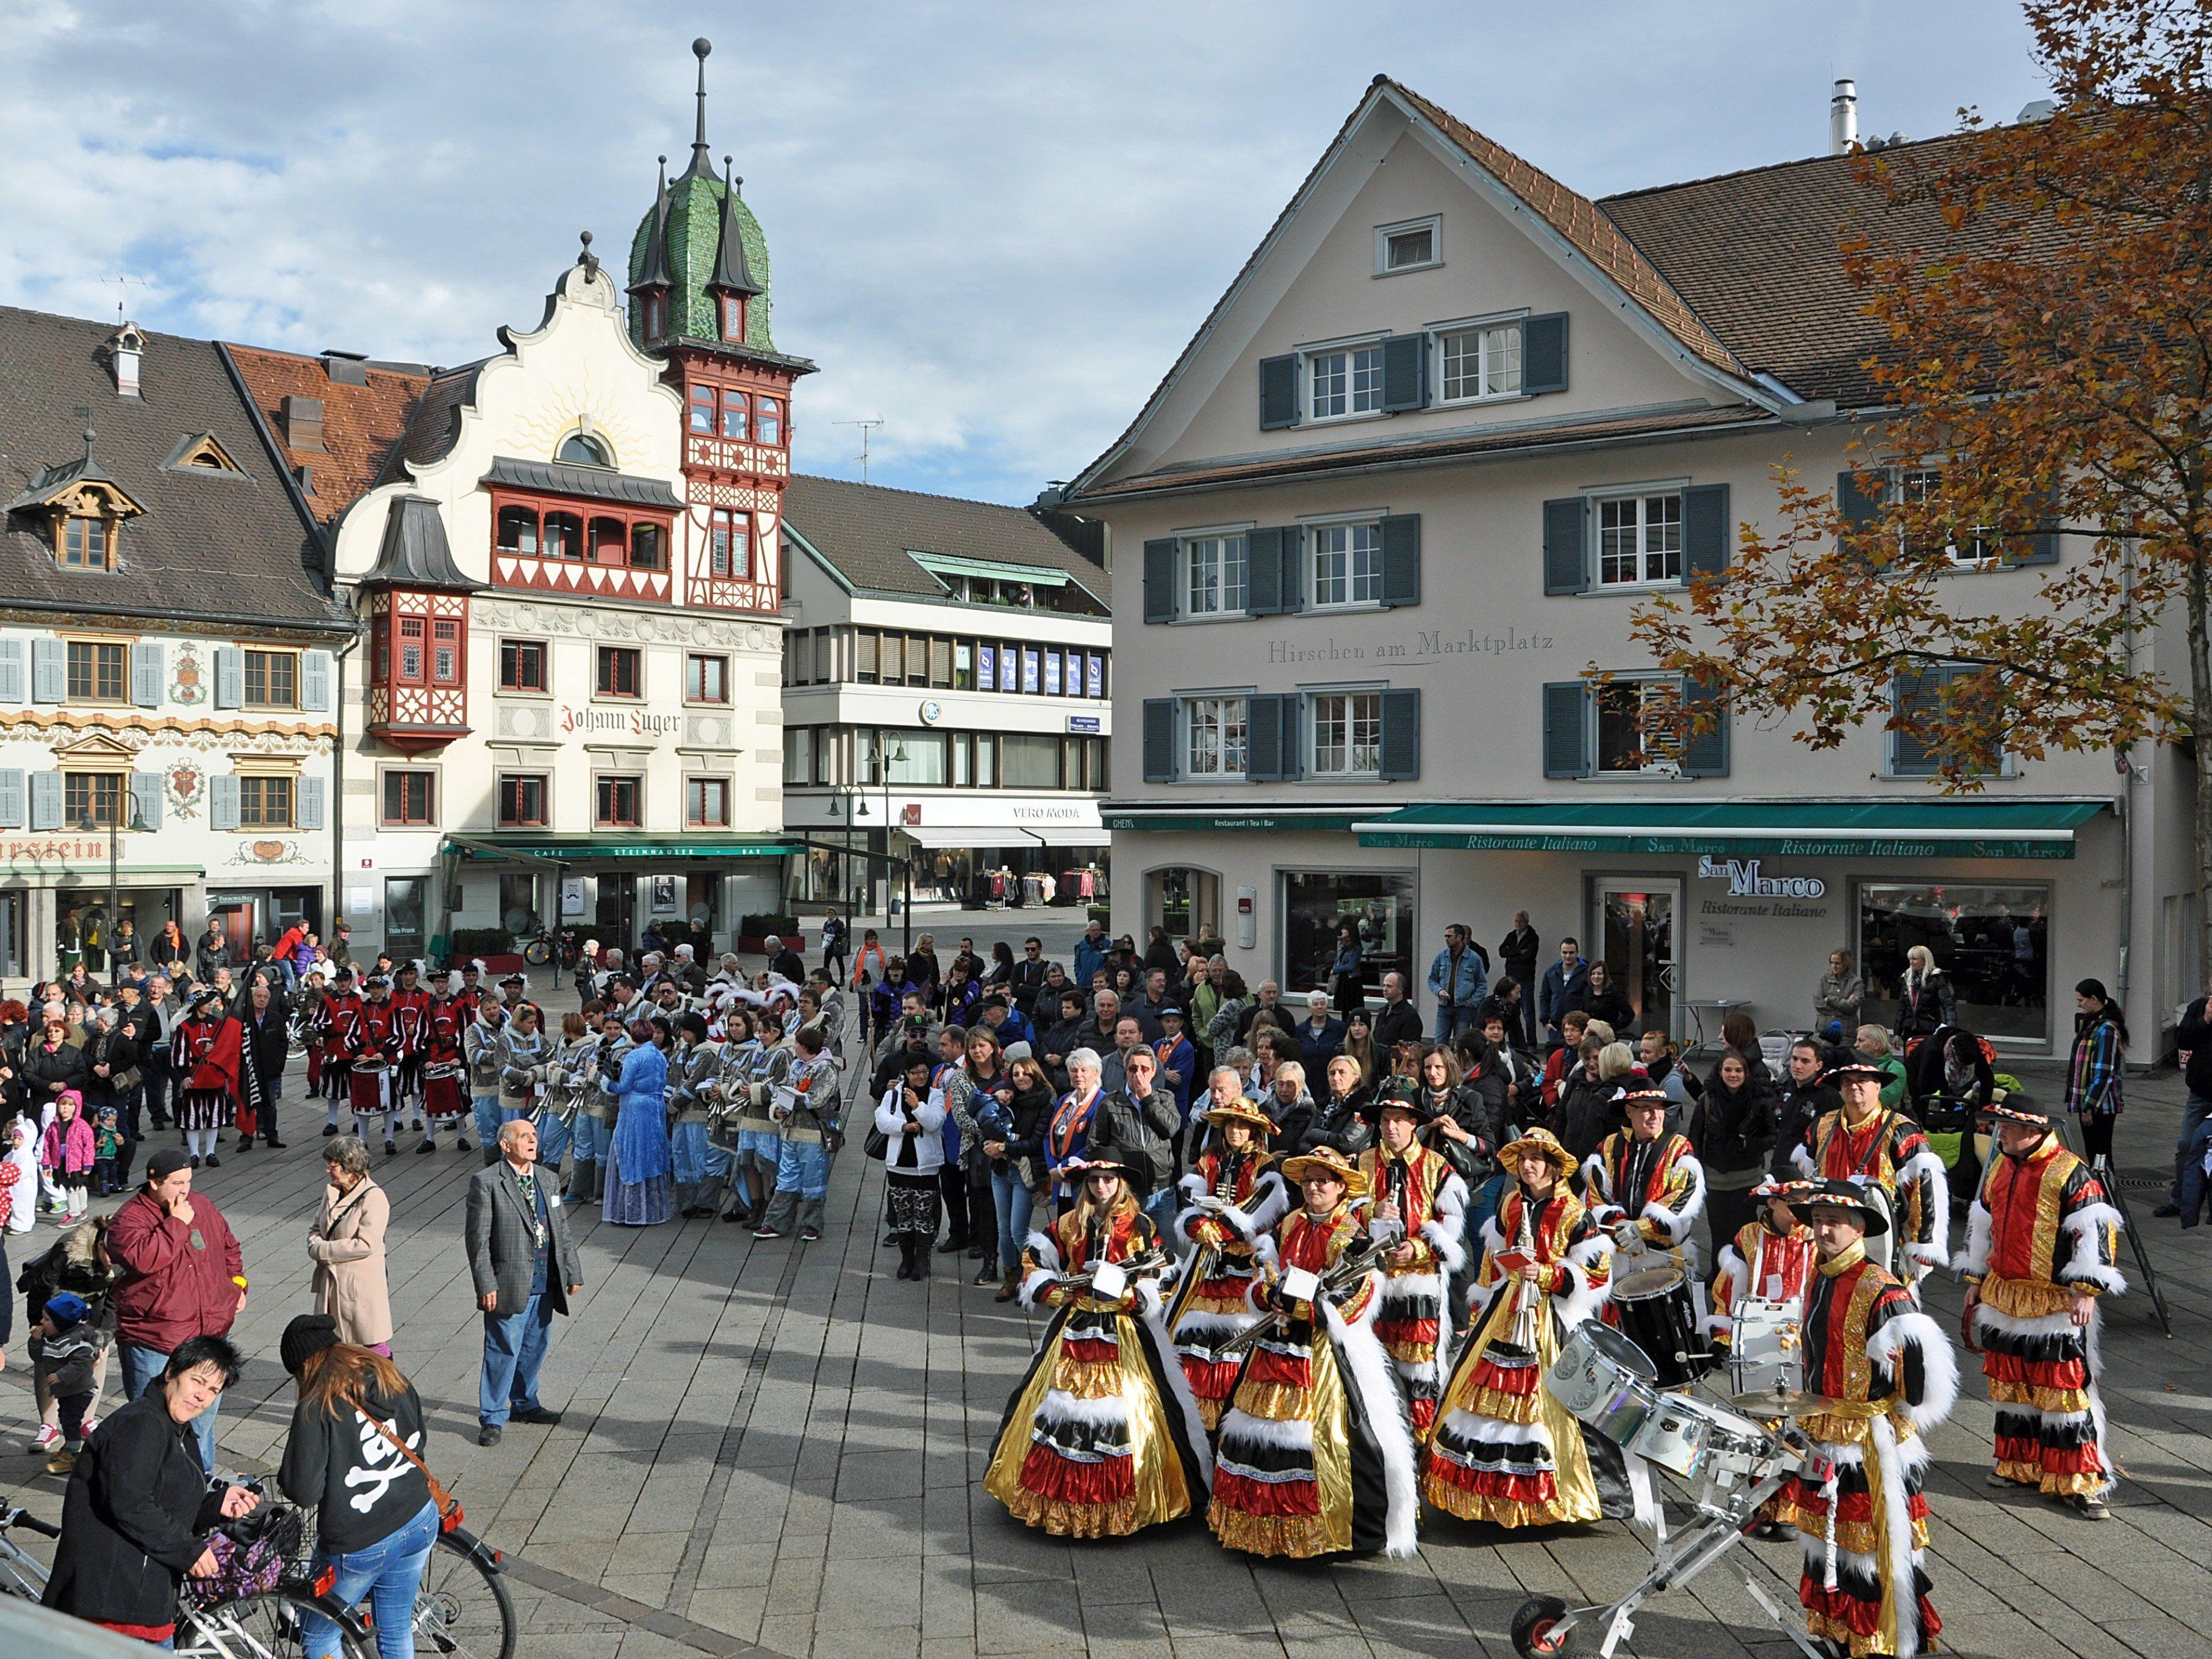 Pünktlich am 11.11. um 11.11 Uhr wurde die Dornbirner Fasnat am Marktplatz eröffnet.